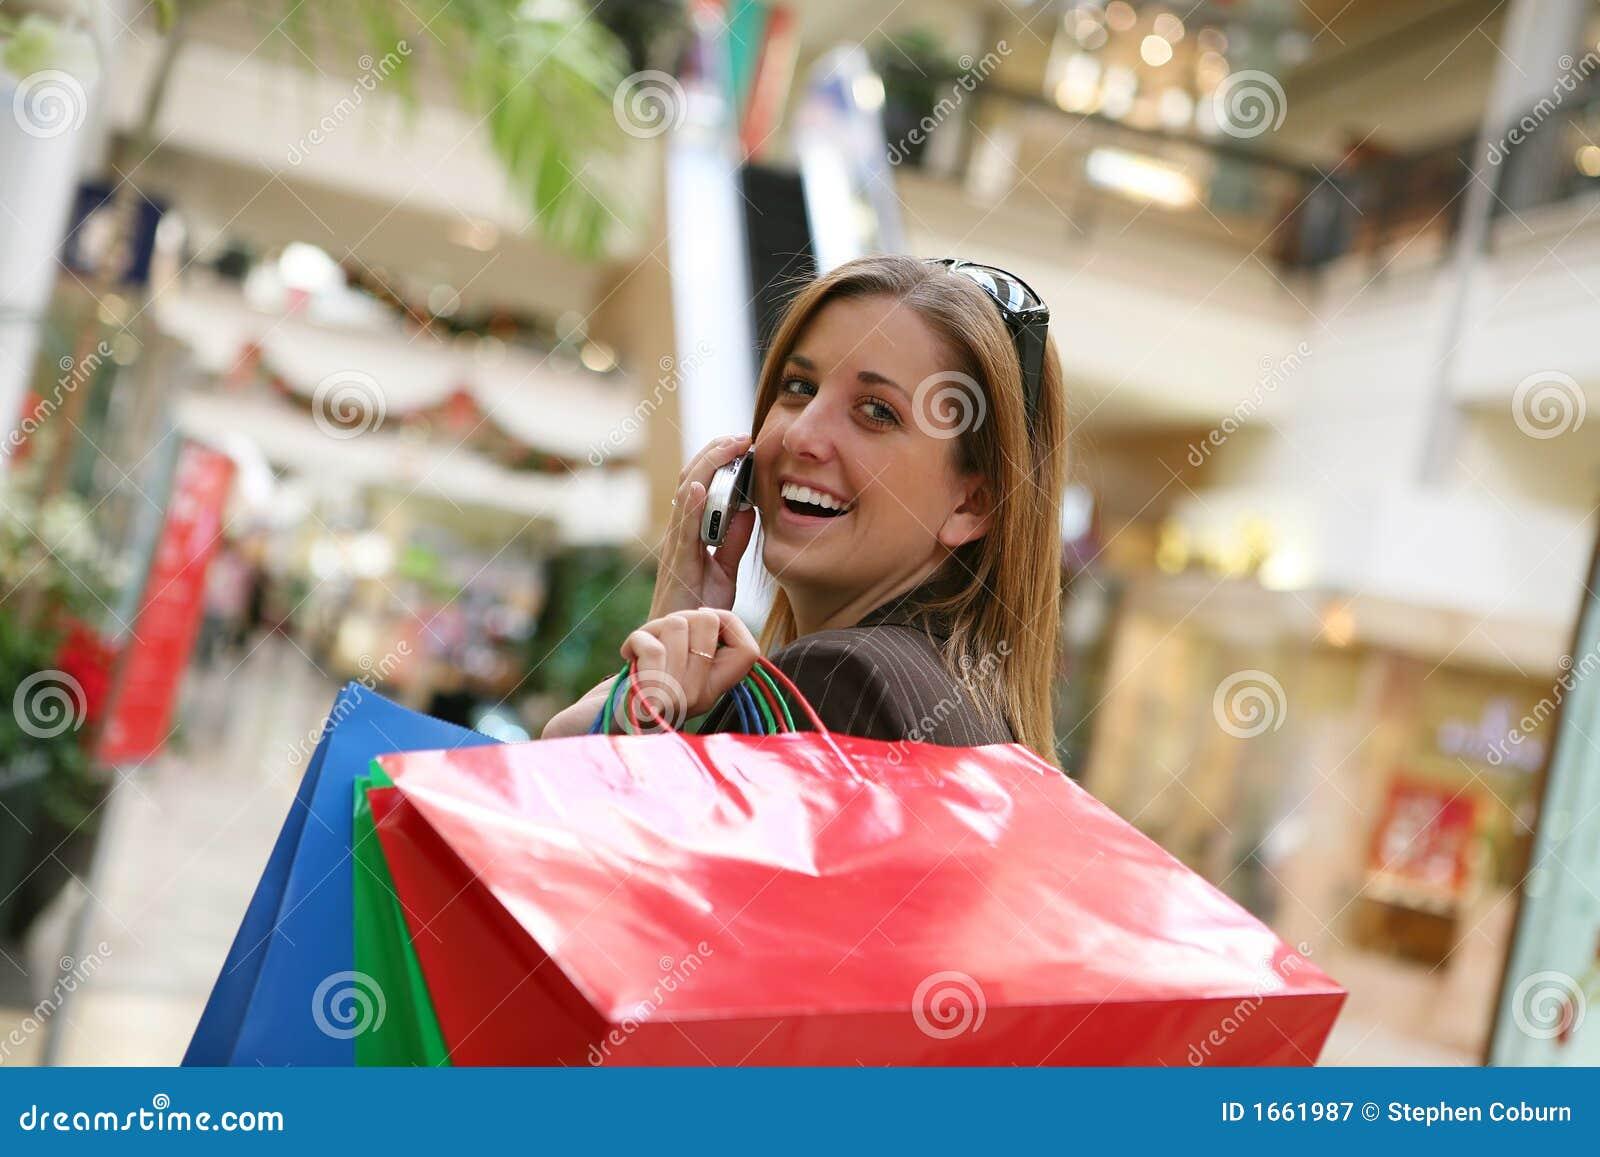 Frauen-Einkaufen stockbild. Bild von farbe, weihnachten